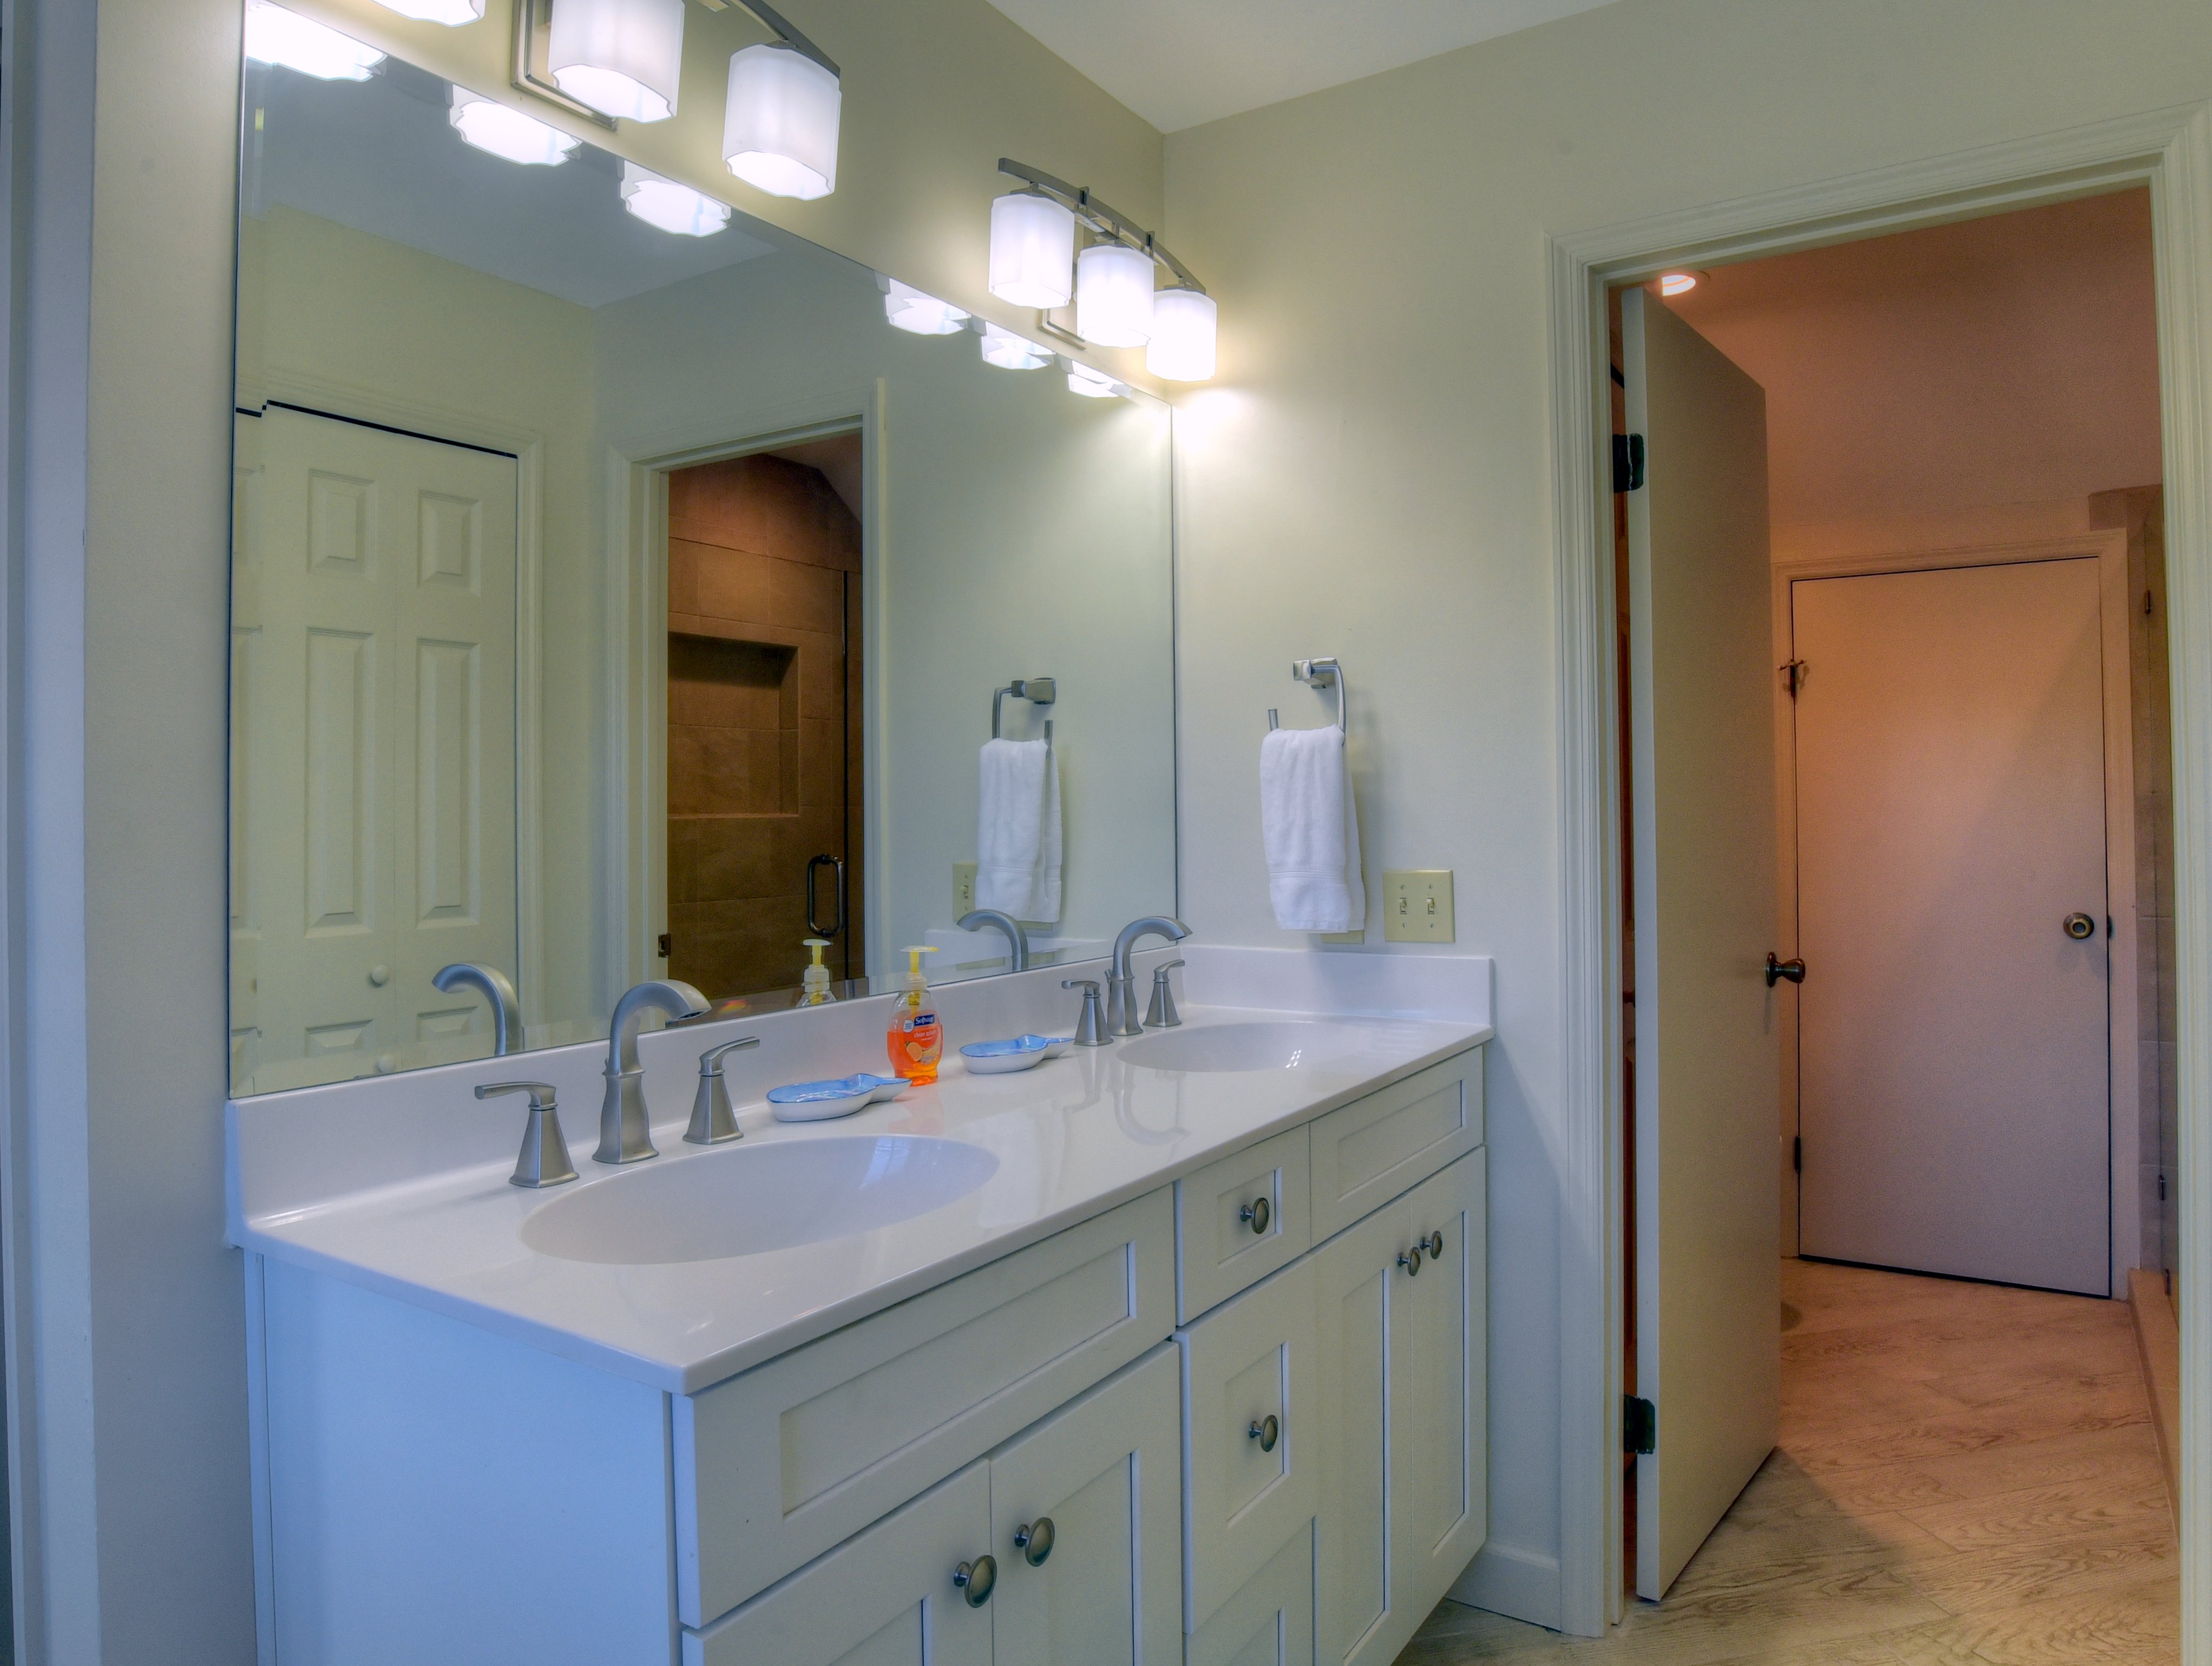 205 Fairways Condo rental in Sandestin Rentals ~ Cottages and Villas  in Destin Florida - #18